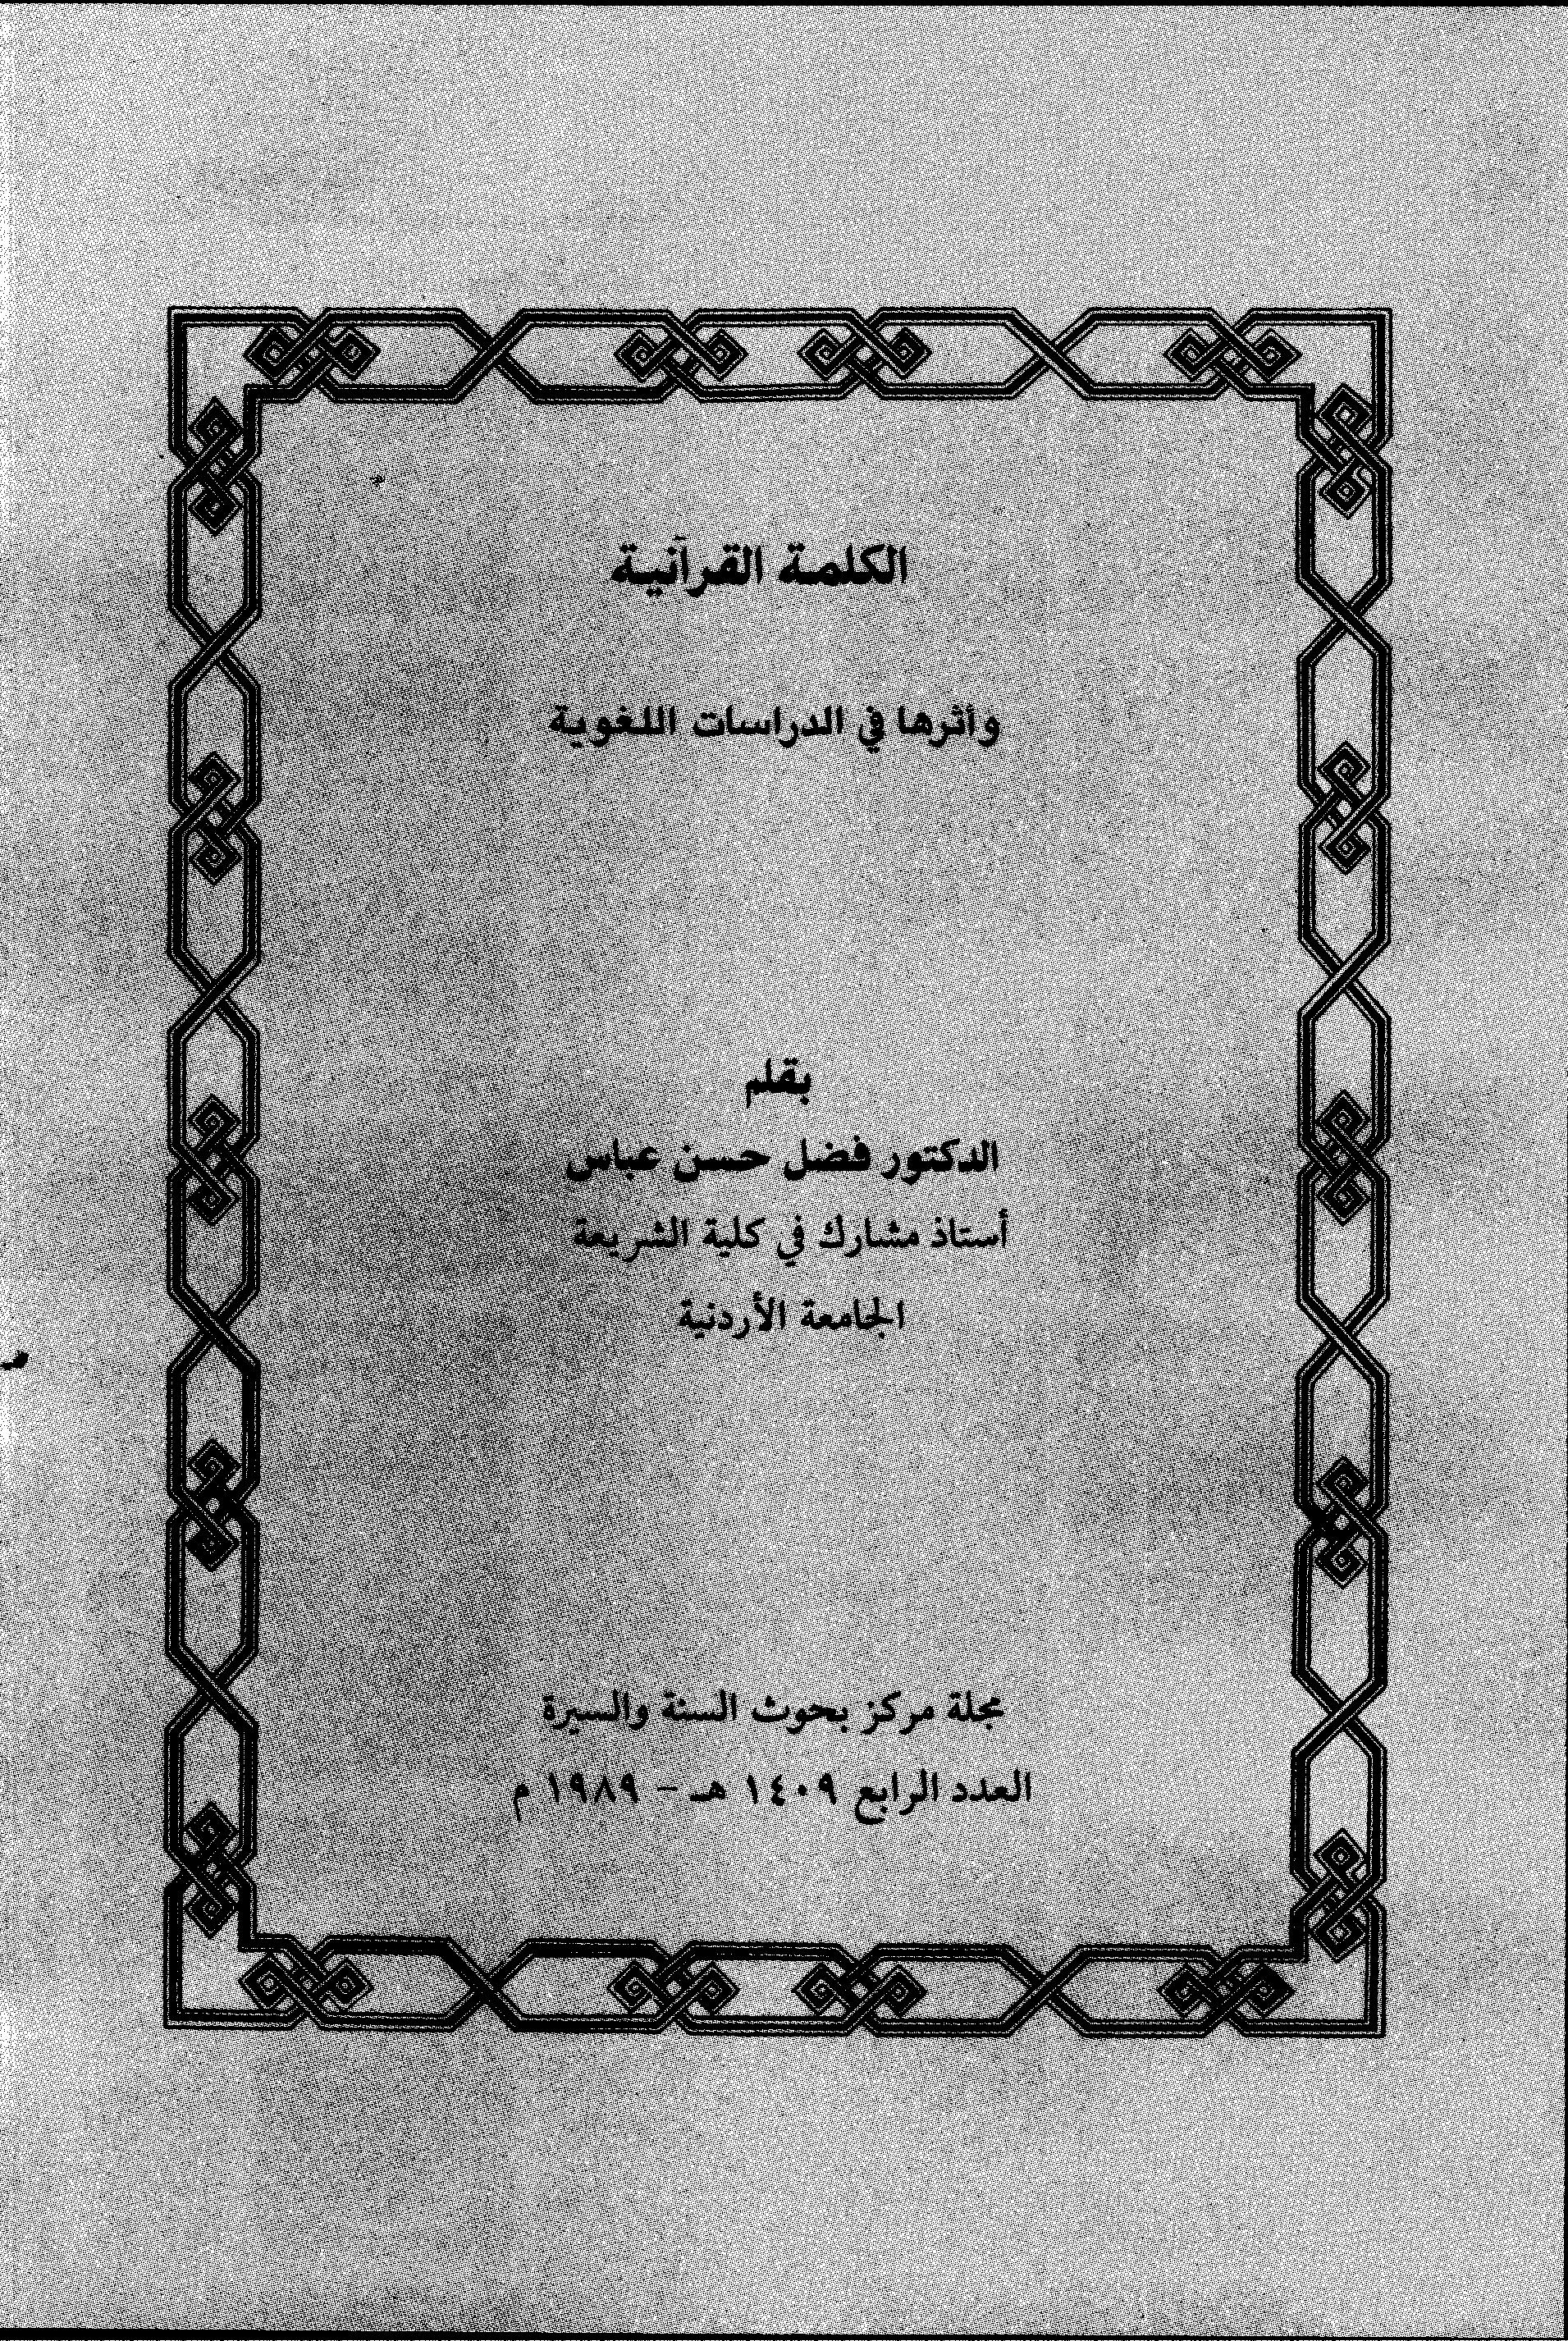 تحميل كتاب الكلمة القرآنية وأثرها في الدراسات اللغوية لـِ: الدكتور أبو محمد فضل حسن عباس (ت 1432)